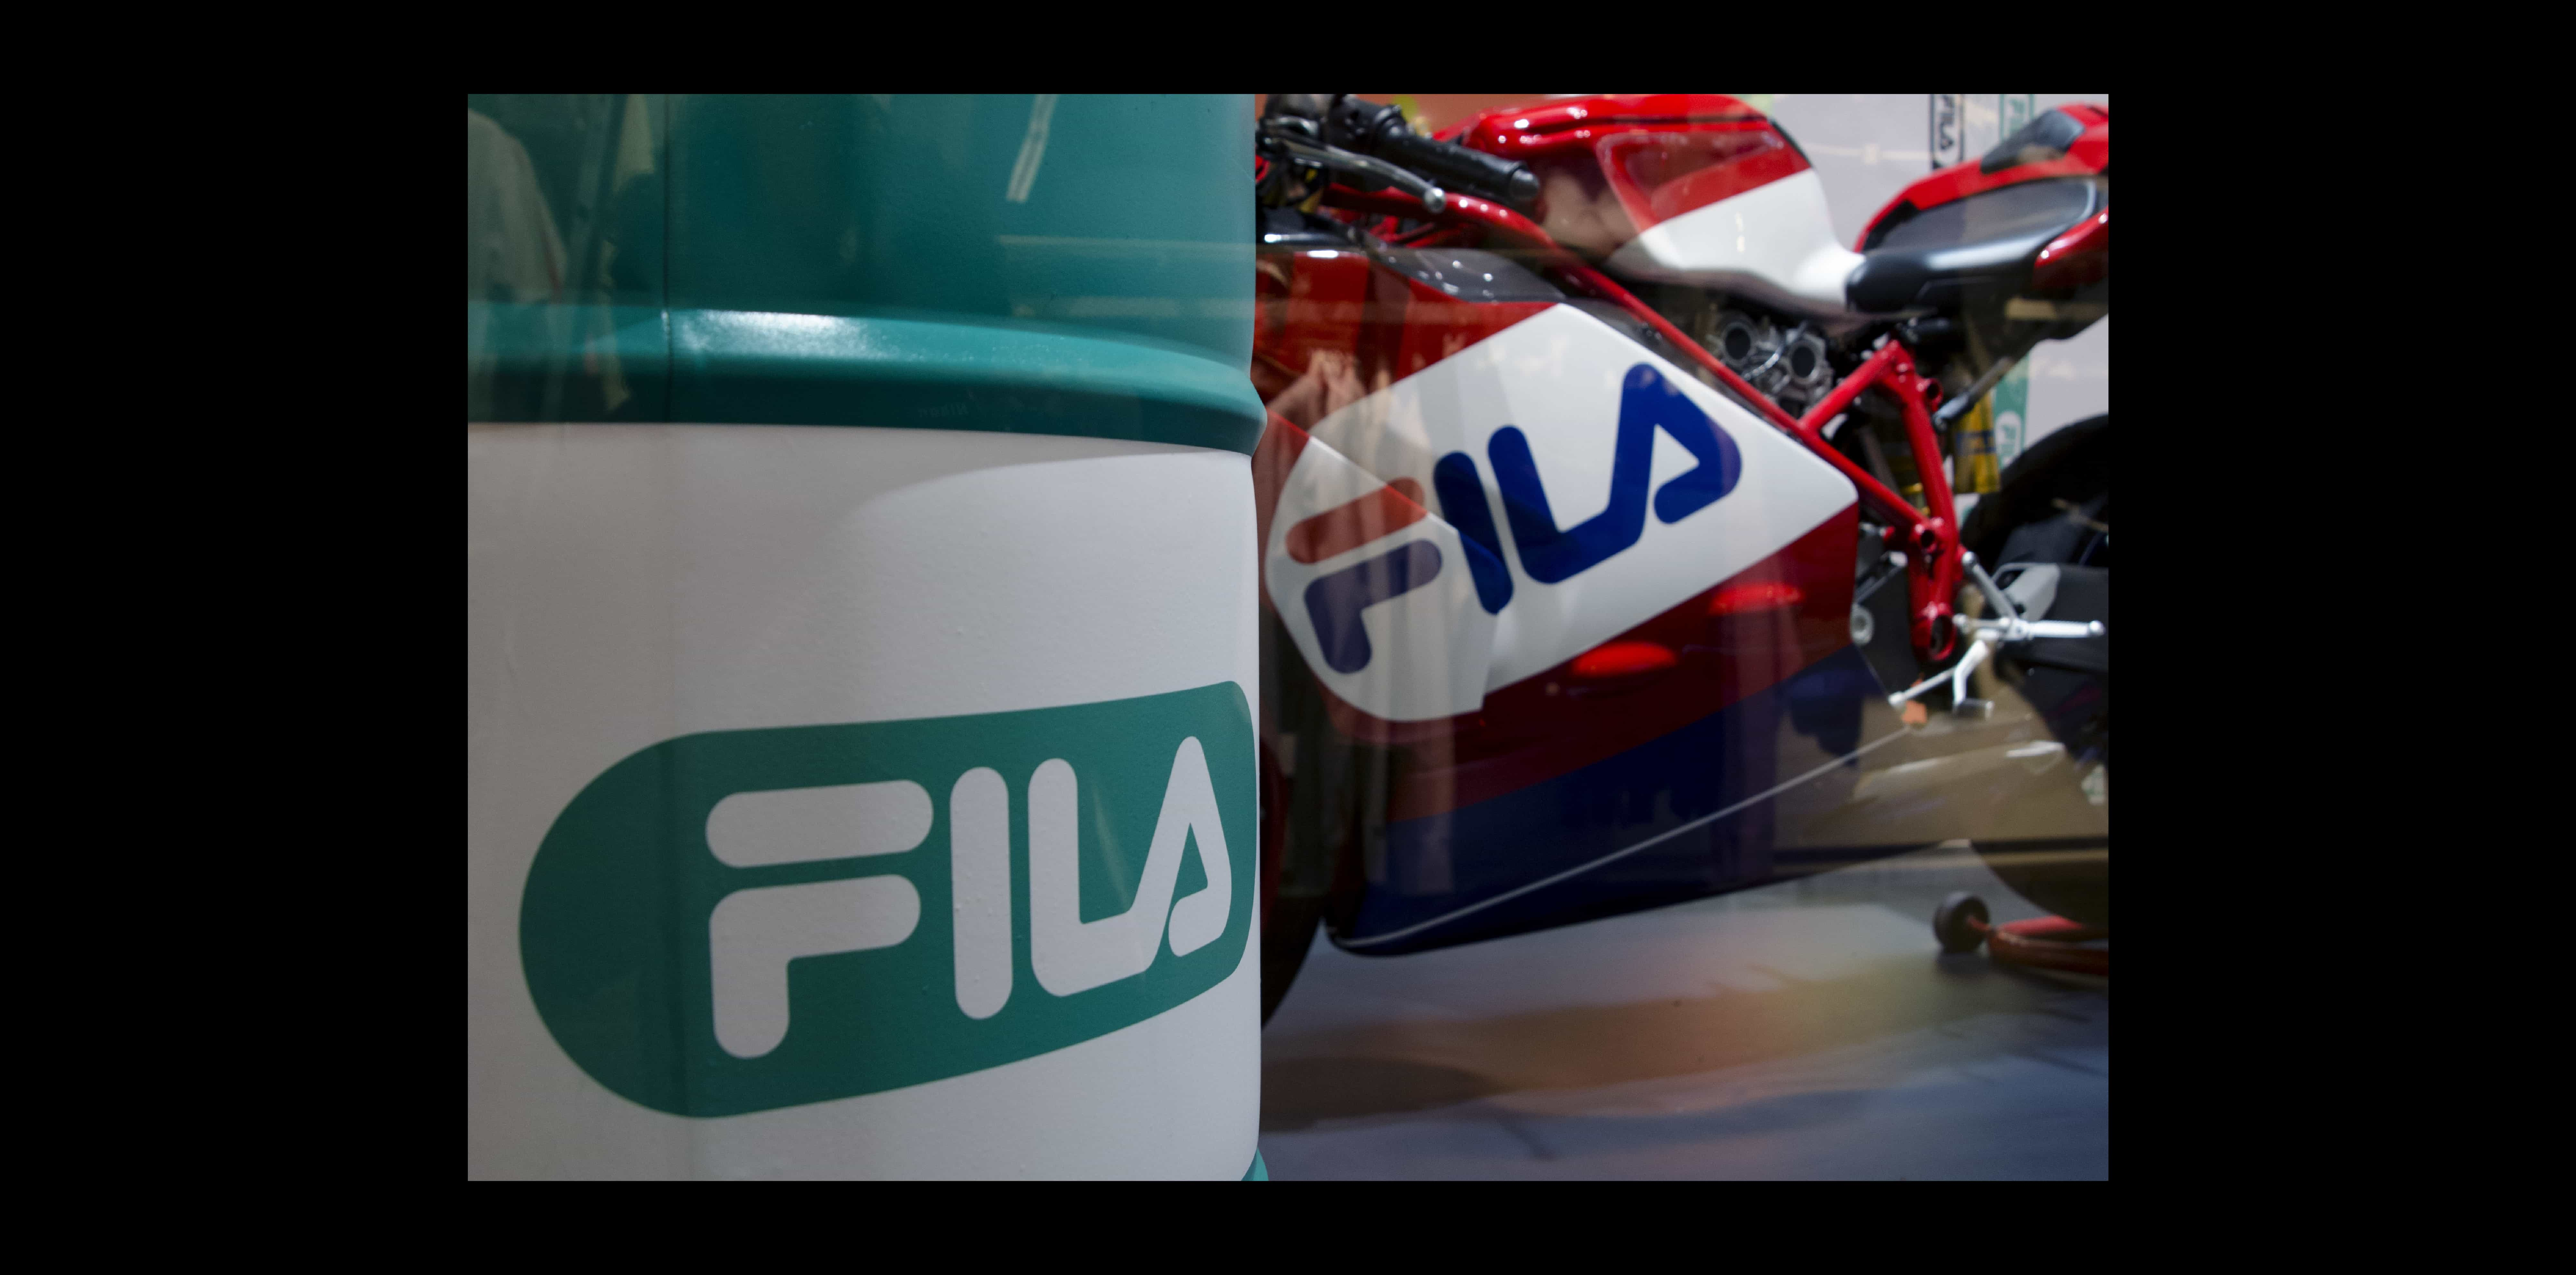 4_webscreen_FILA-04